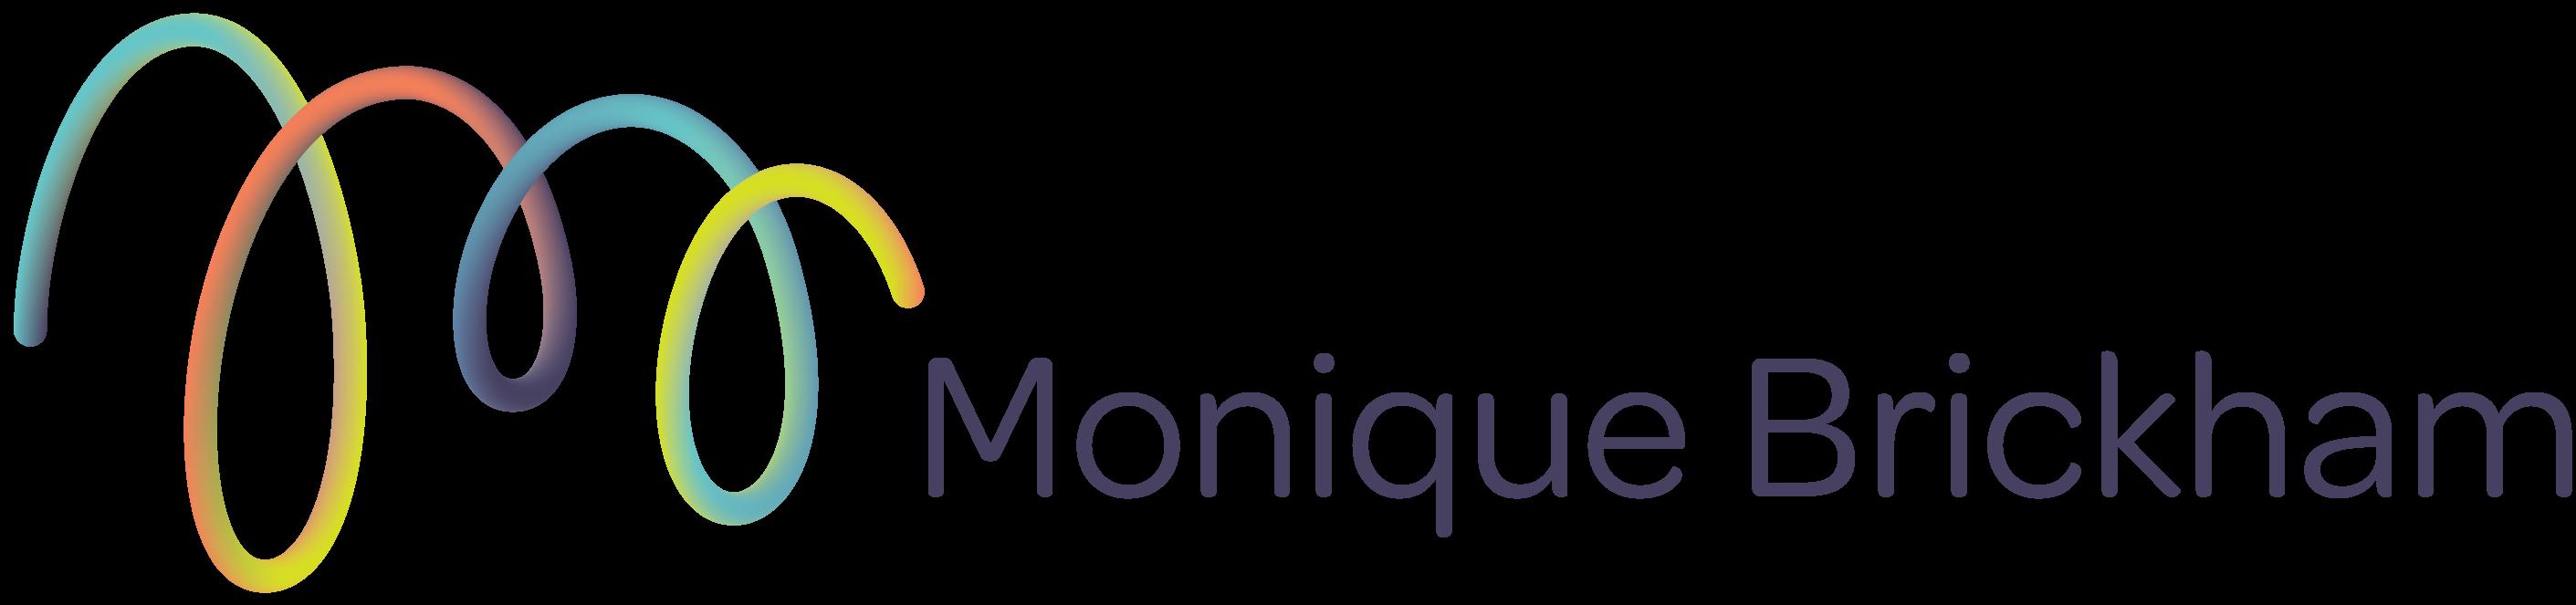 Monique Brickham